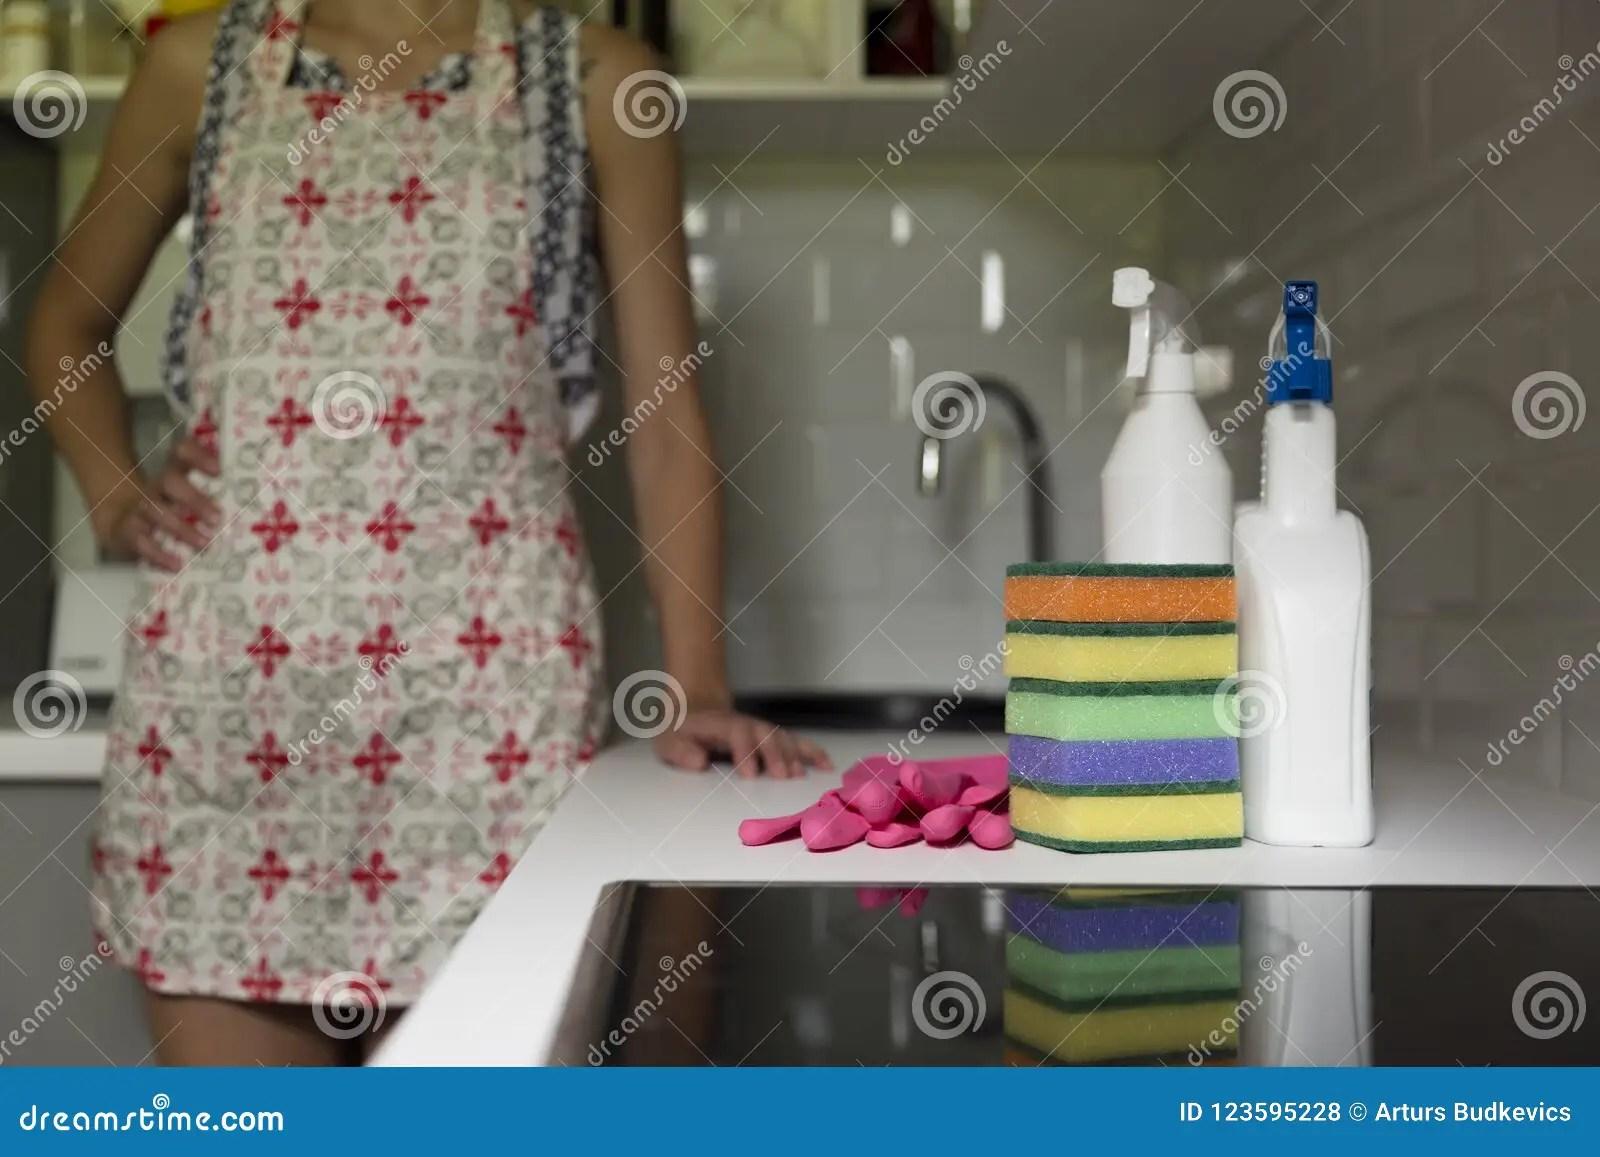 kitchen cleaning industrial cabinets 厨房清洁工具清洗厨房家庭equ的妇女库存照片 图片包括有手套 洁净 厨房清洁工具清洗厨房家庭equ的妇女